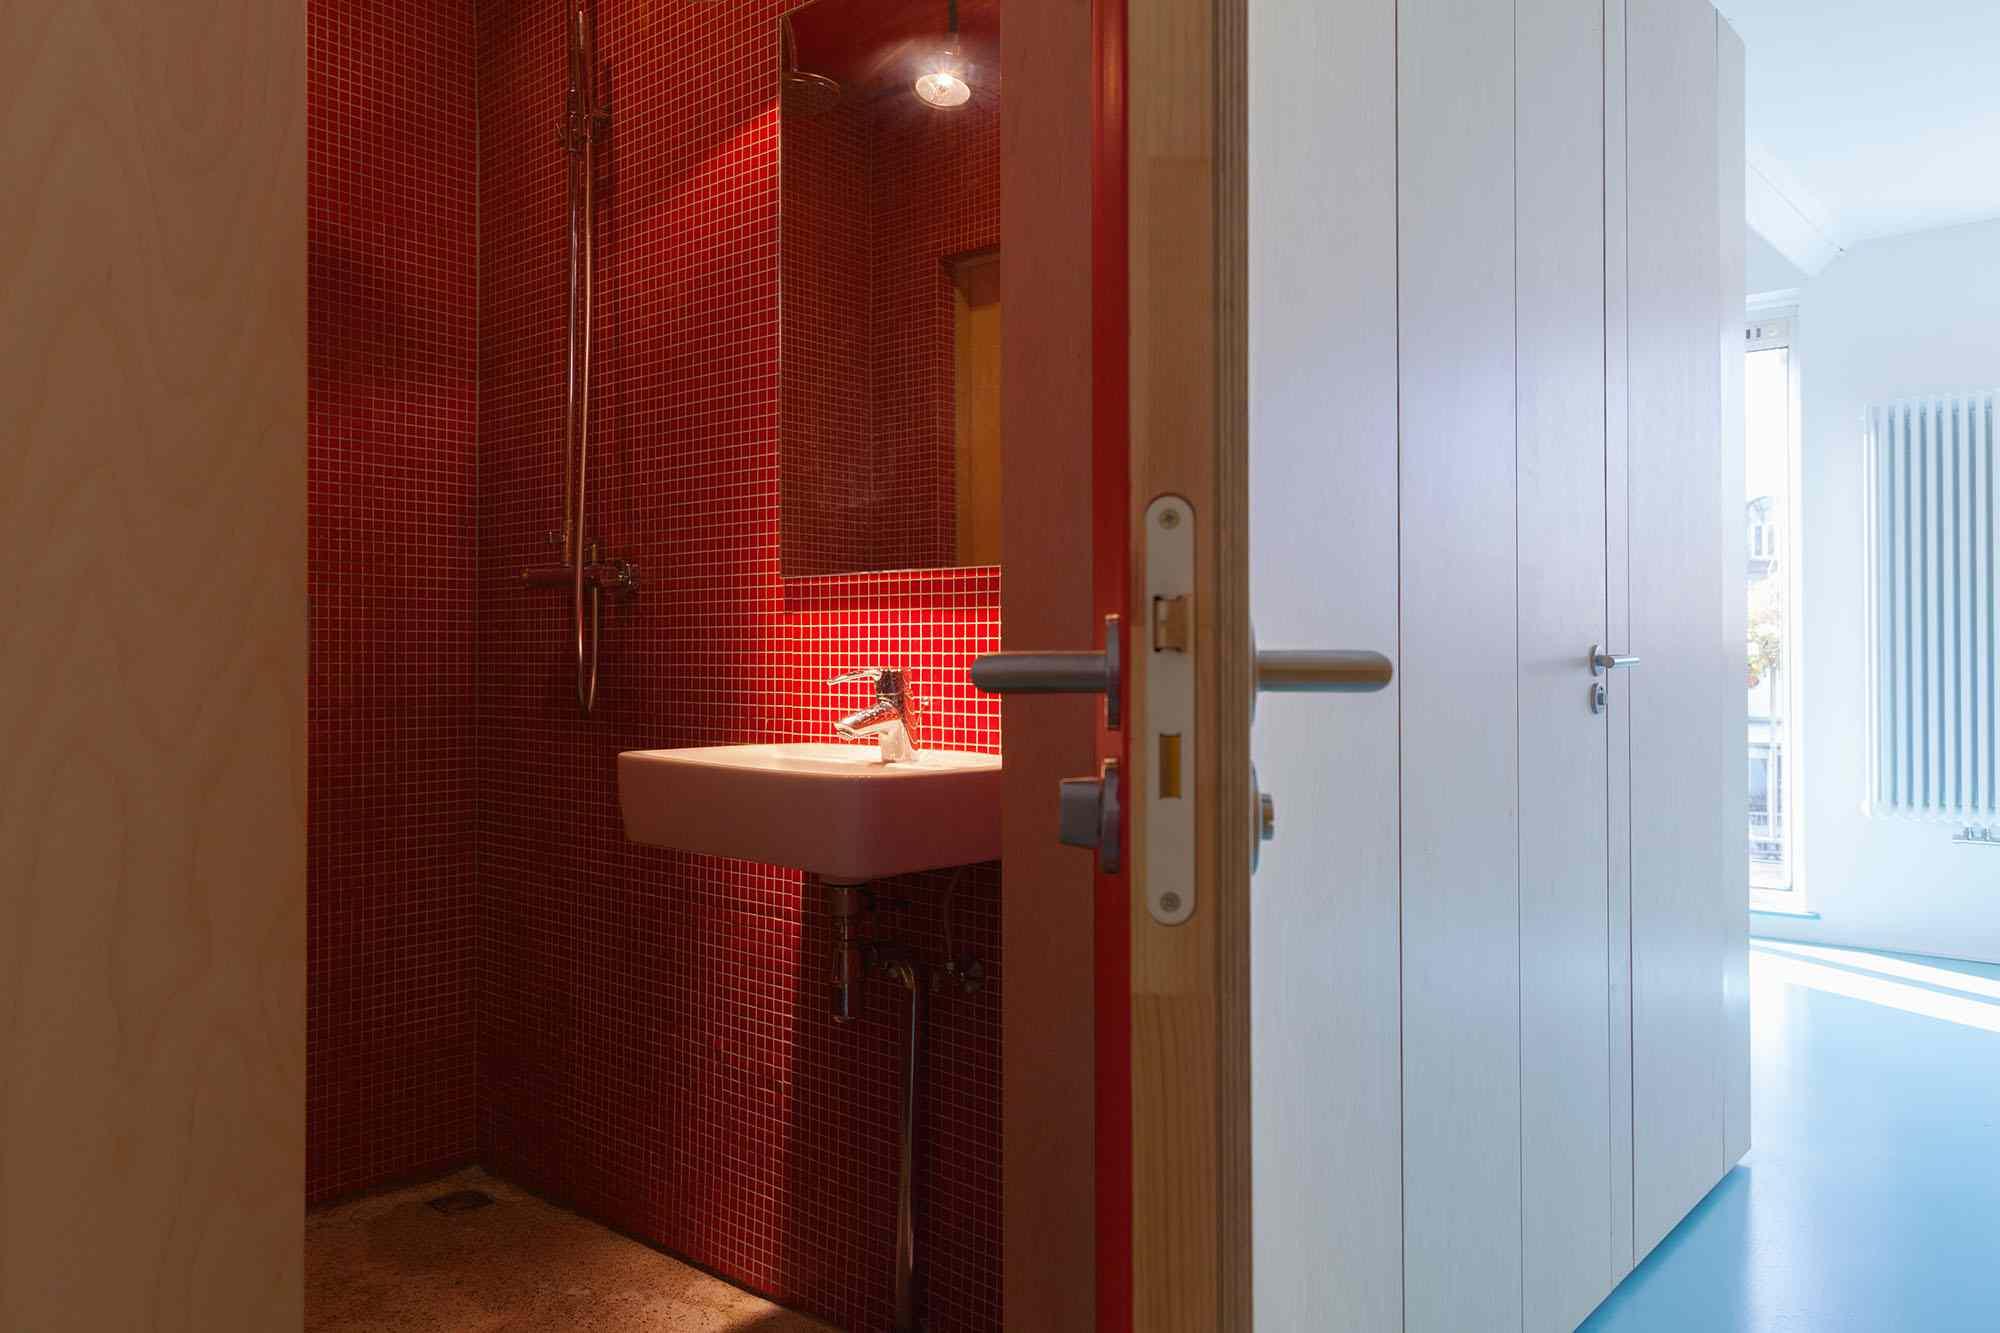 Amsterdam Urban Loft by Bureau Fraai bathroom with shower